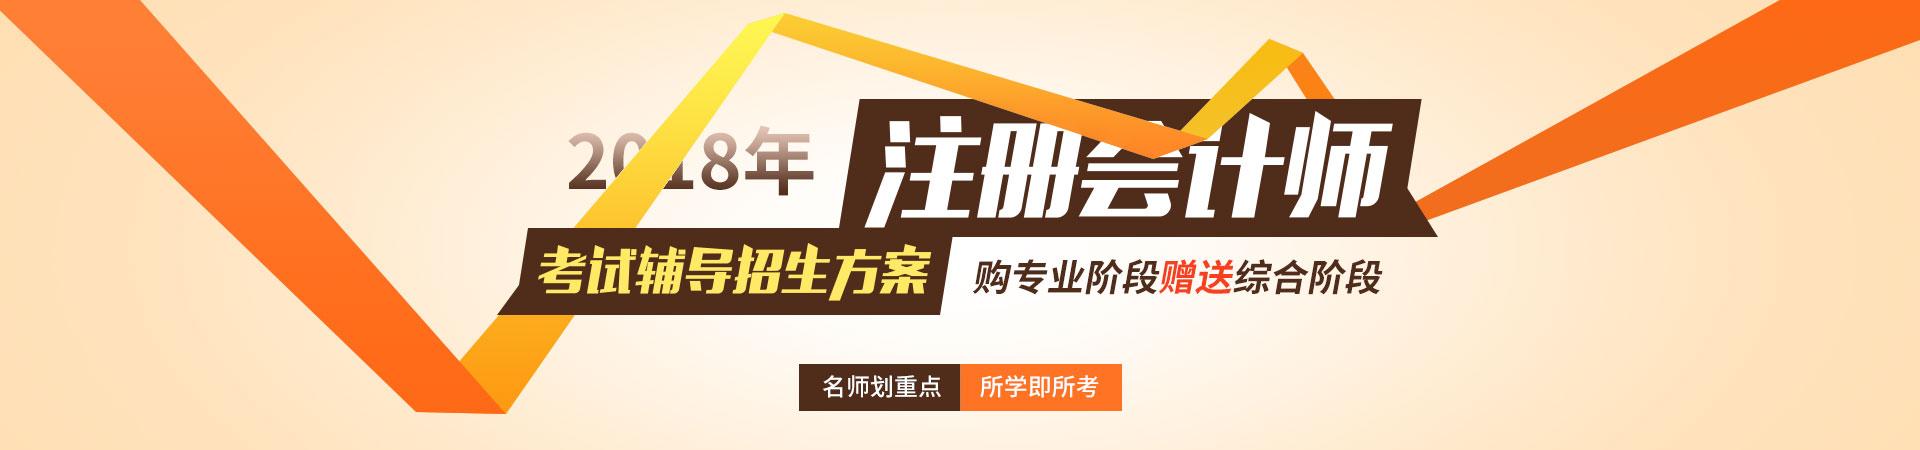 中华会计网注册会计师考试